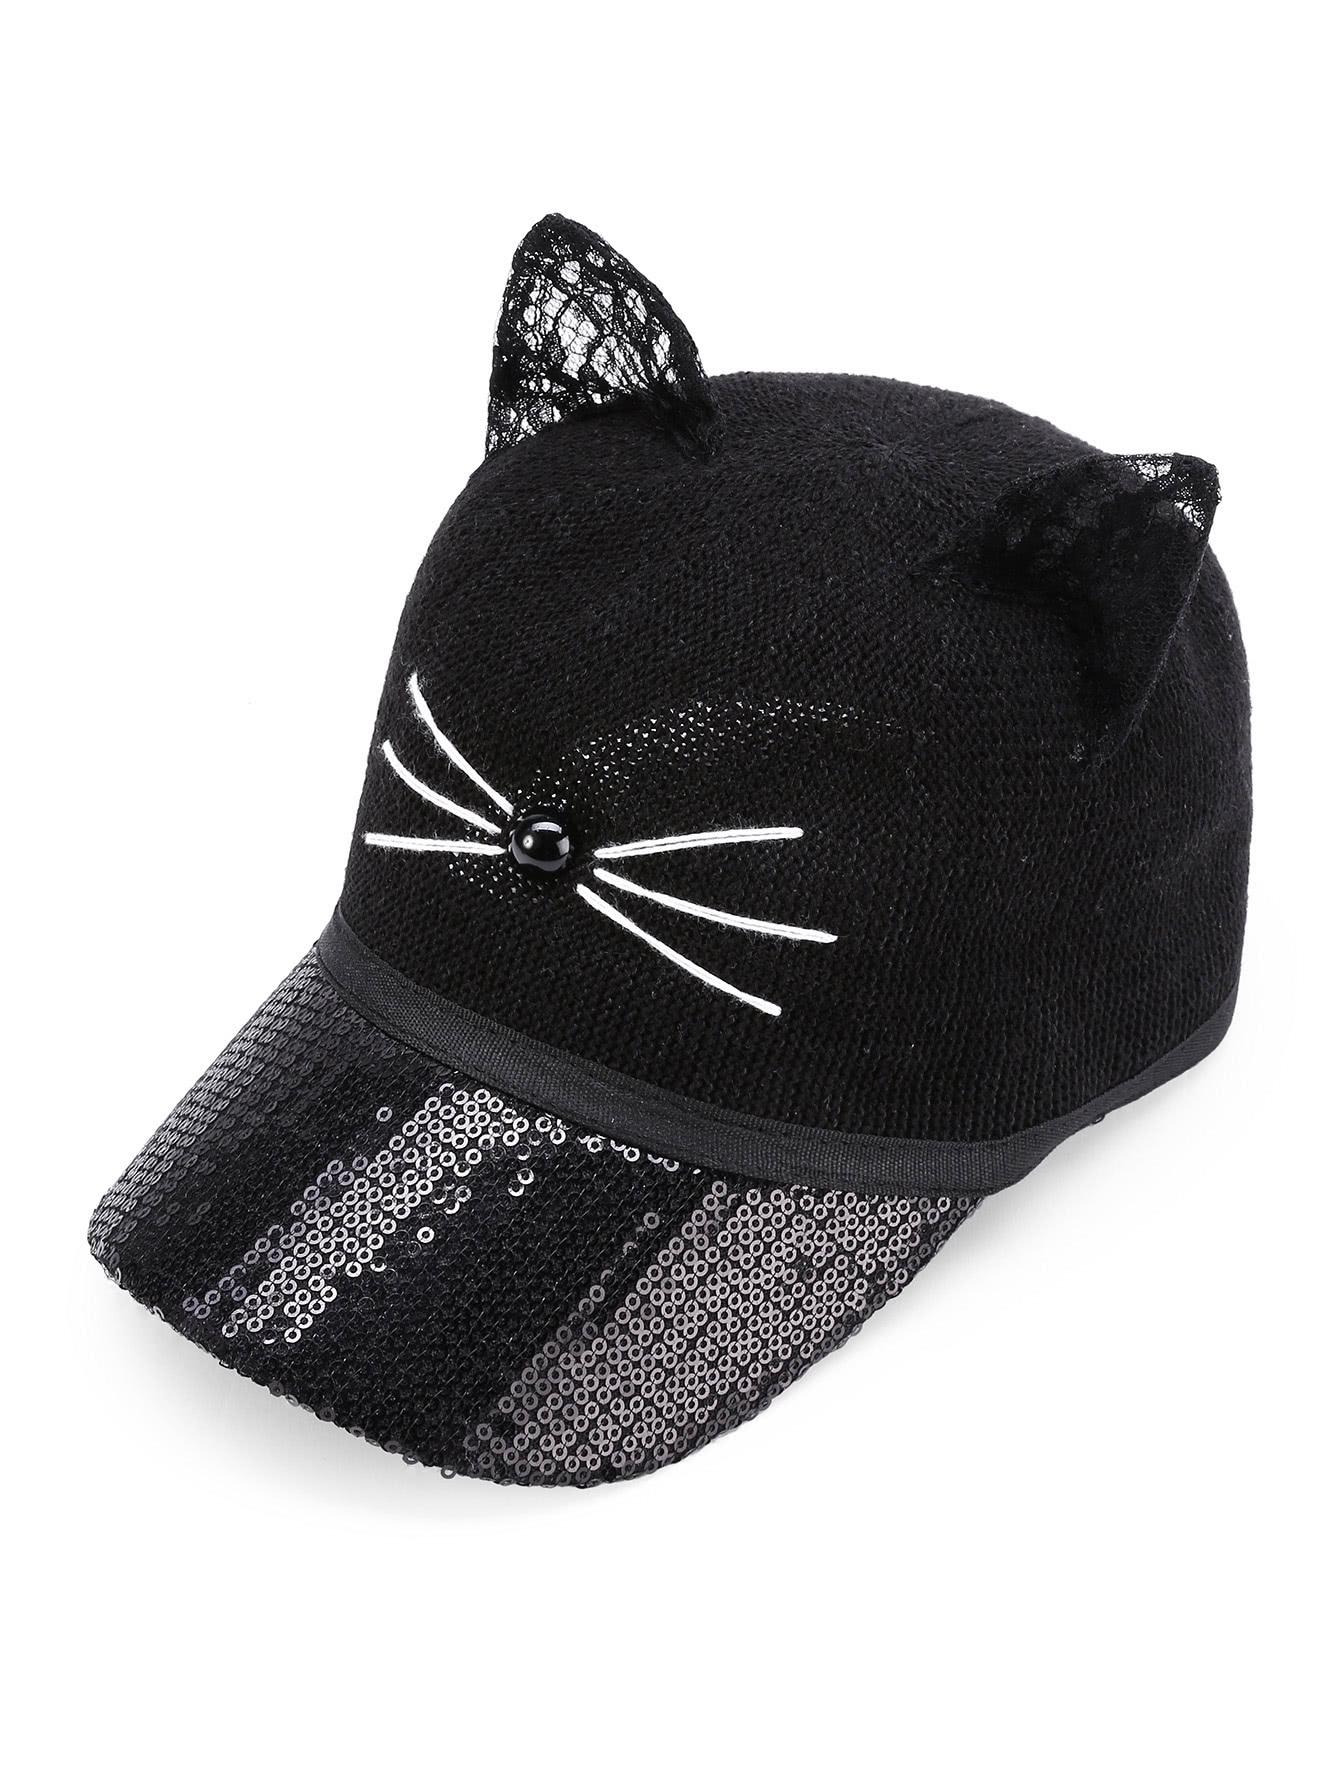 Gorro con estilo de béisbol con oreja de gato con lentejuelas -Spanish  SheIn(Sheinside) 5b849f56e59